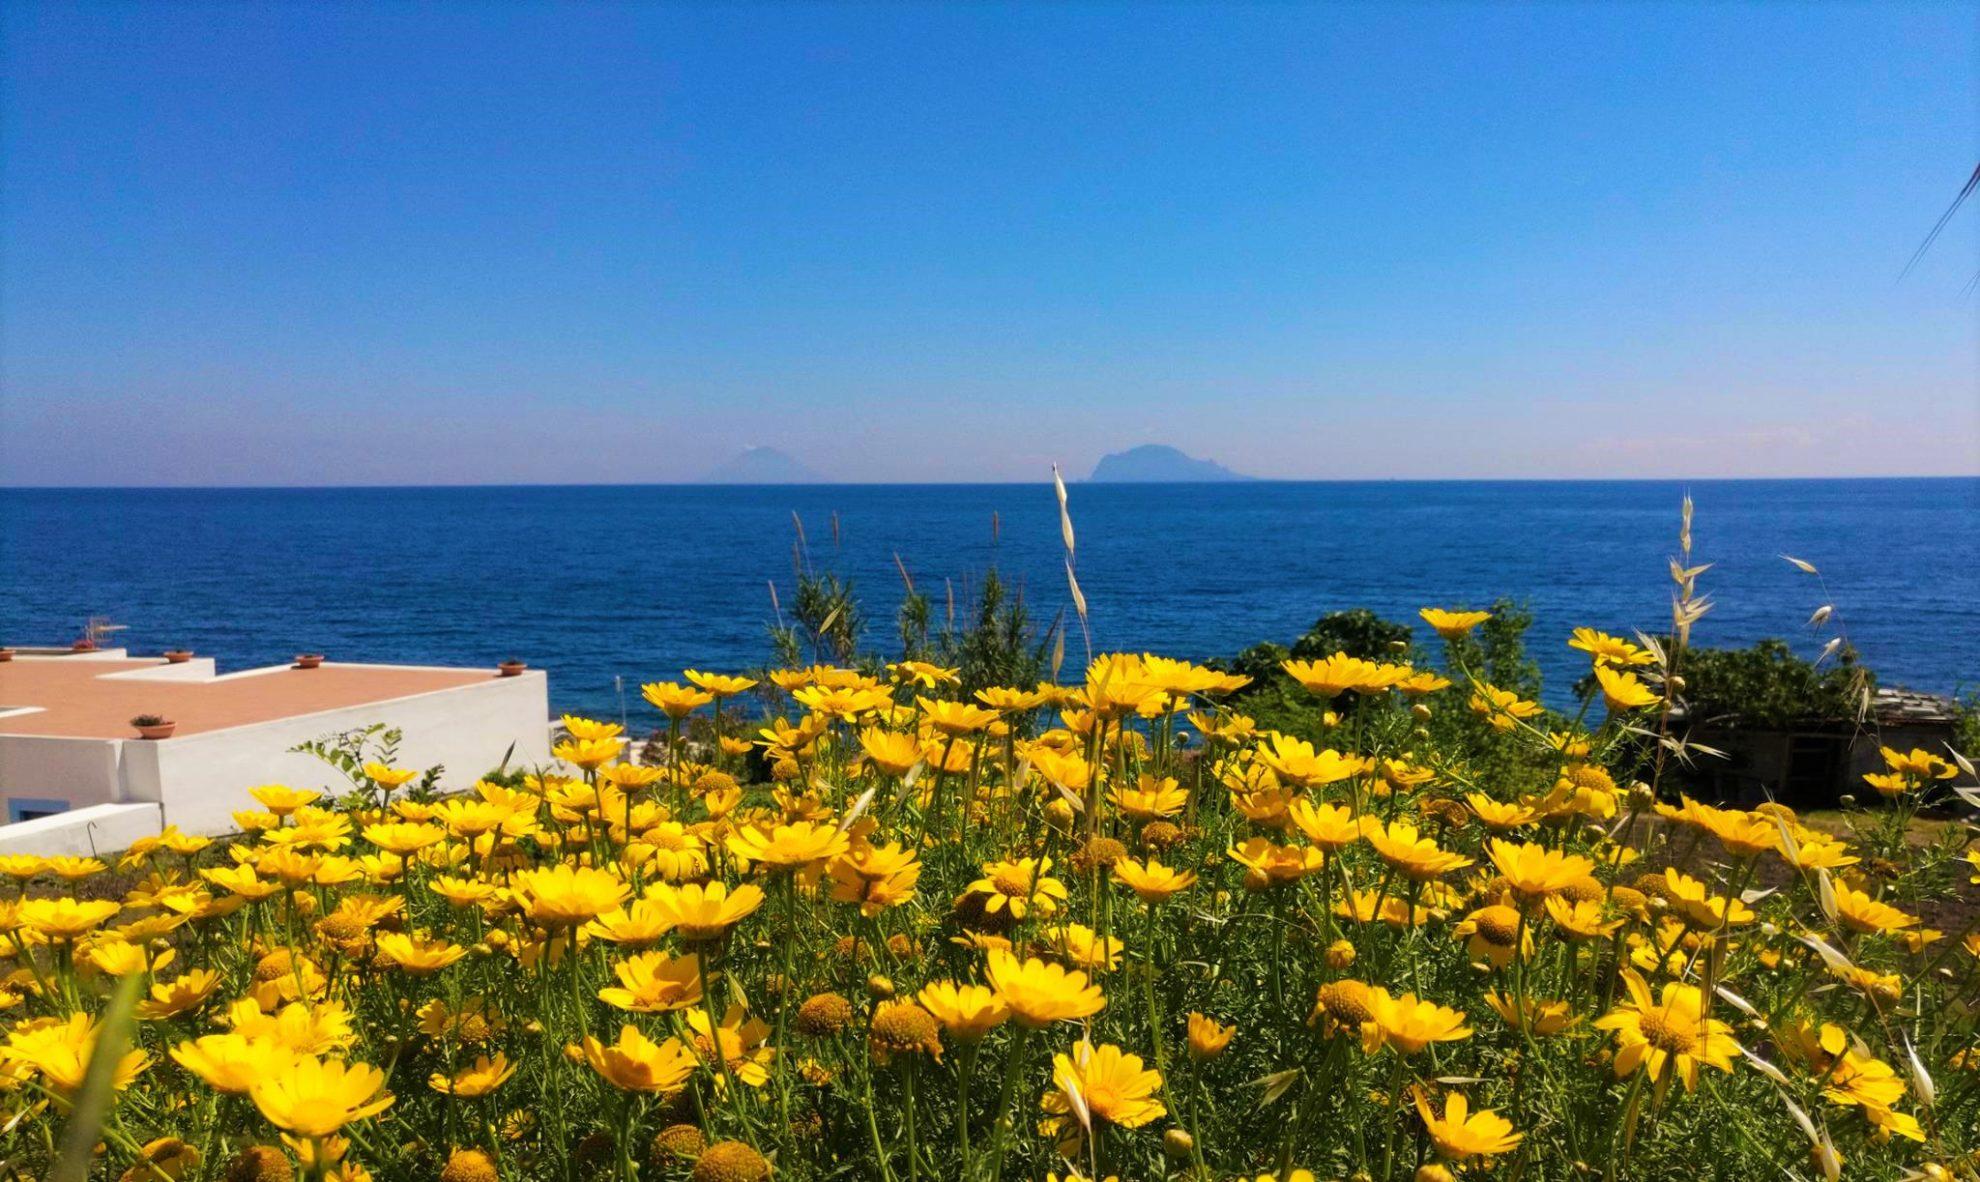 Цвета Сицилии желтые и голубые. Вид на остров Стромболи (вдали) и панераи с острова Салина. Сицилия. регата OML 216. Фото А. Подколзин